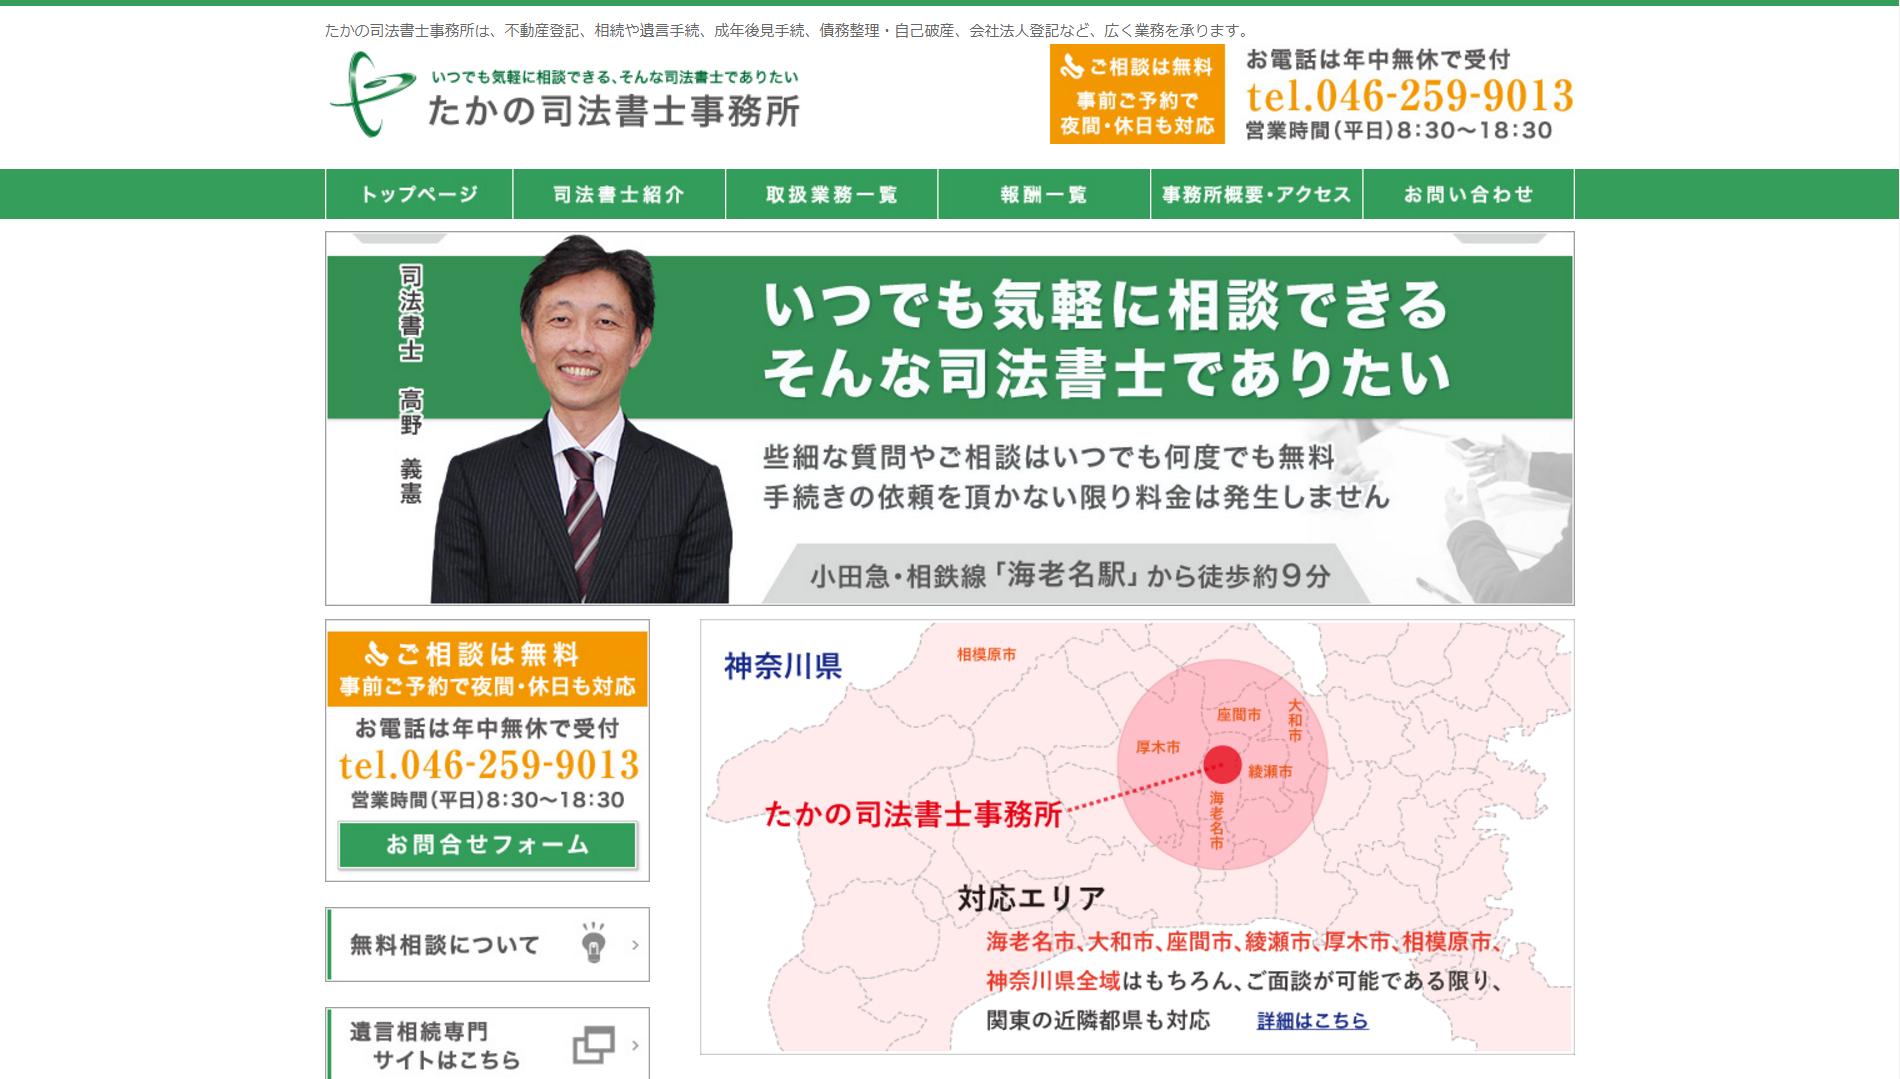 たかの司法書士事務所(神奈川県海老名市中央)